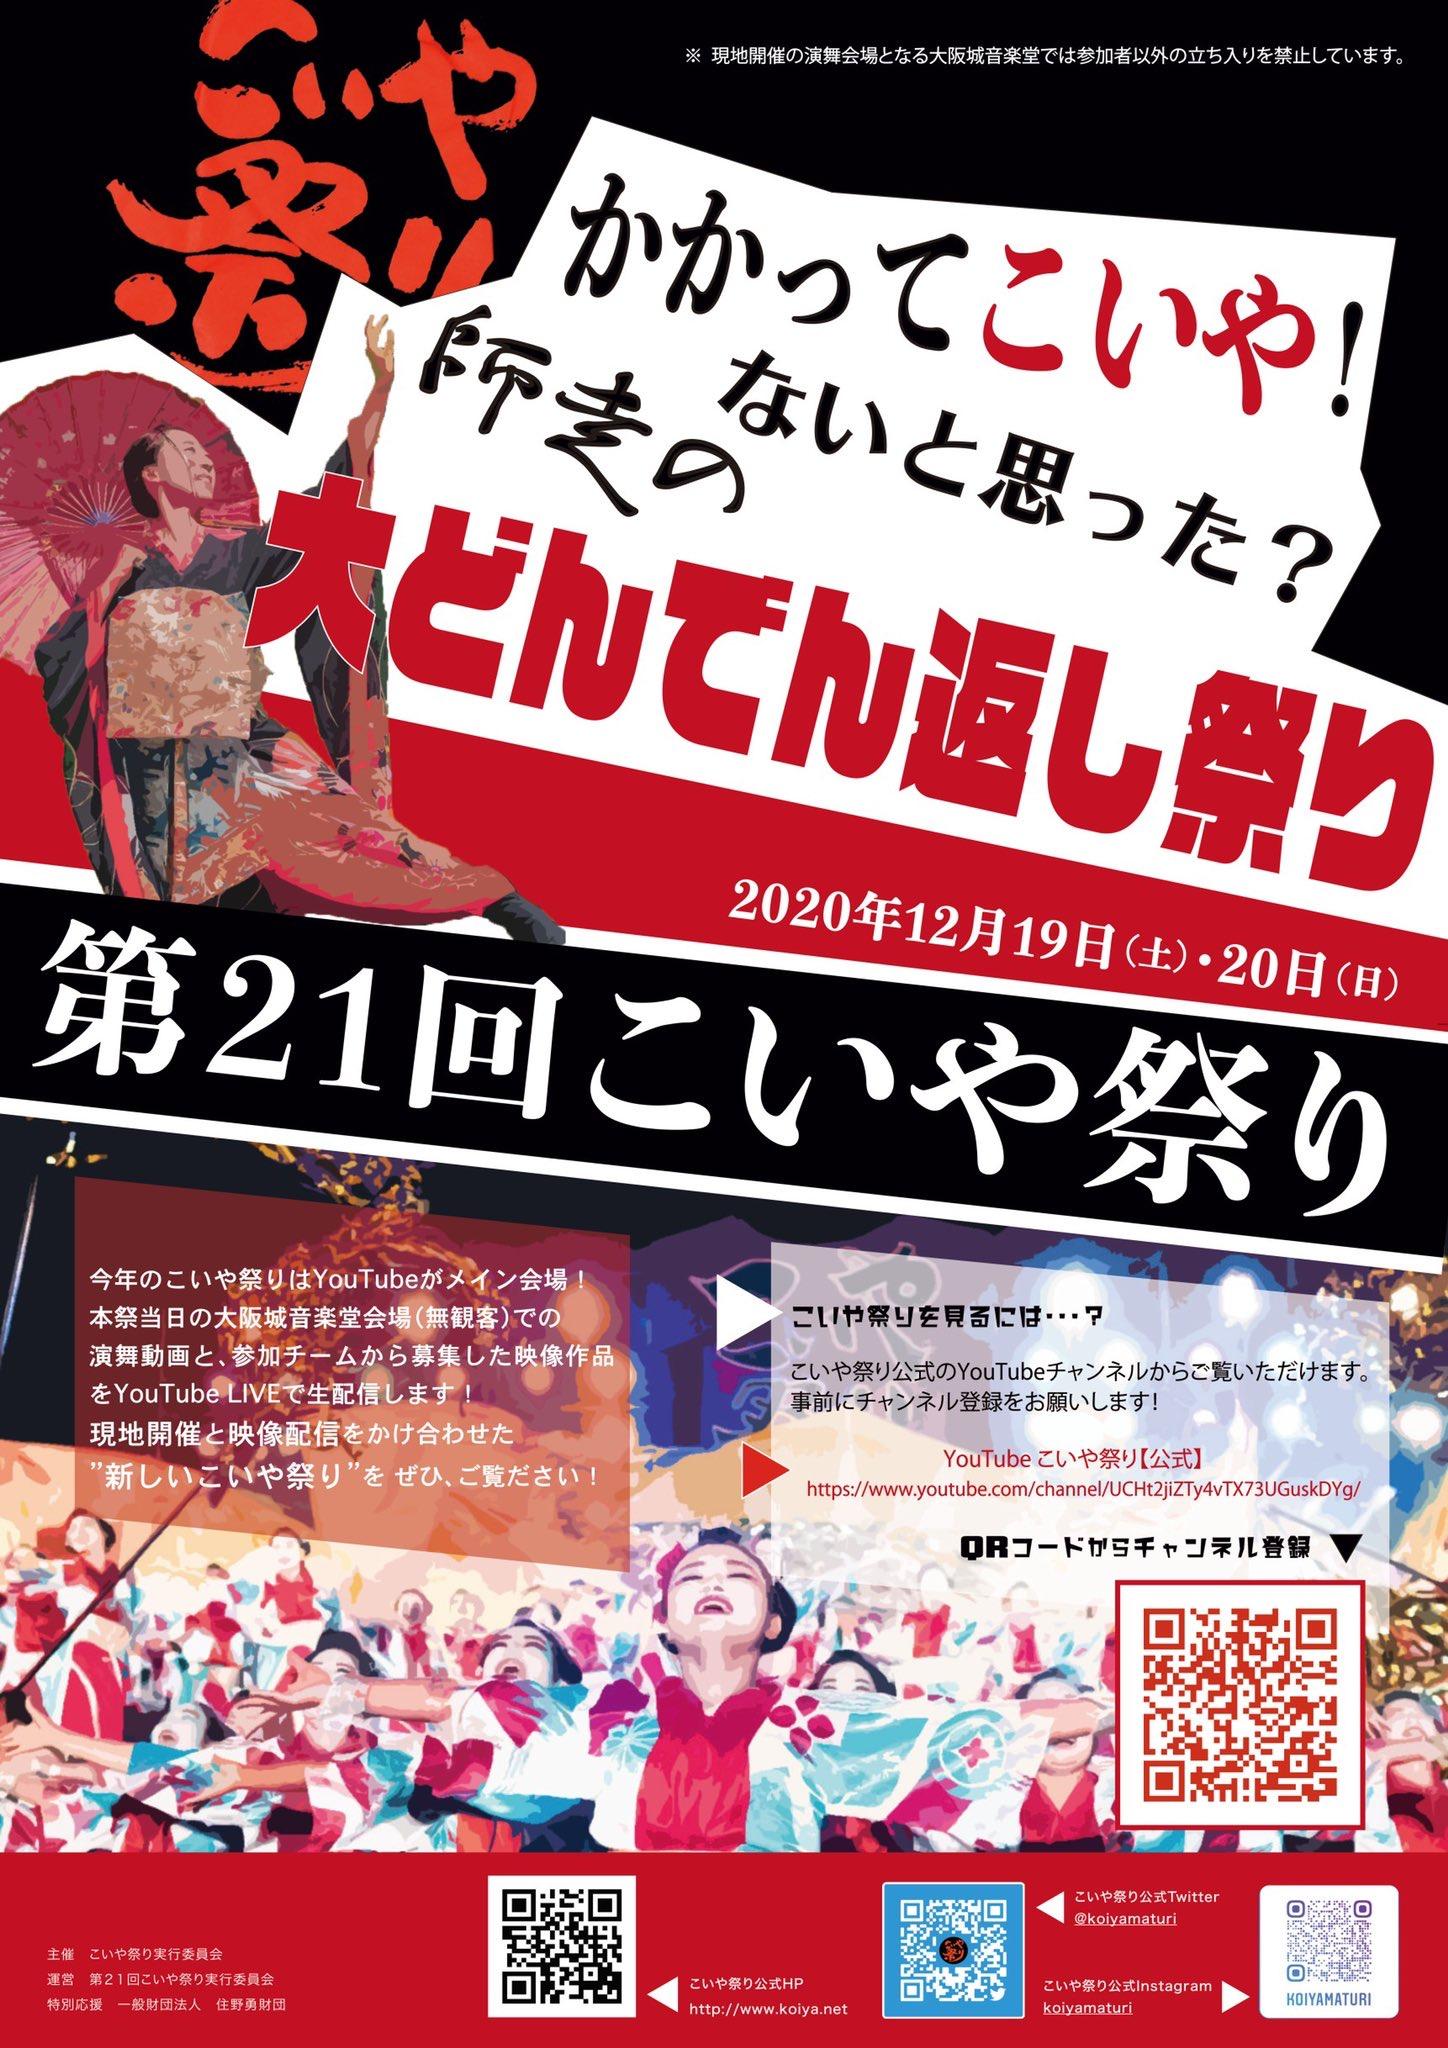 第21回こいや祭りポスターデザイン公開!!